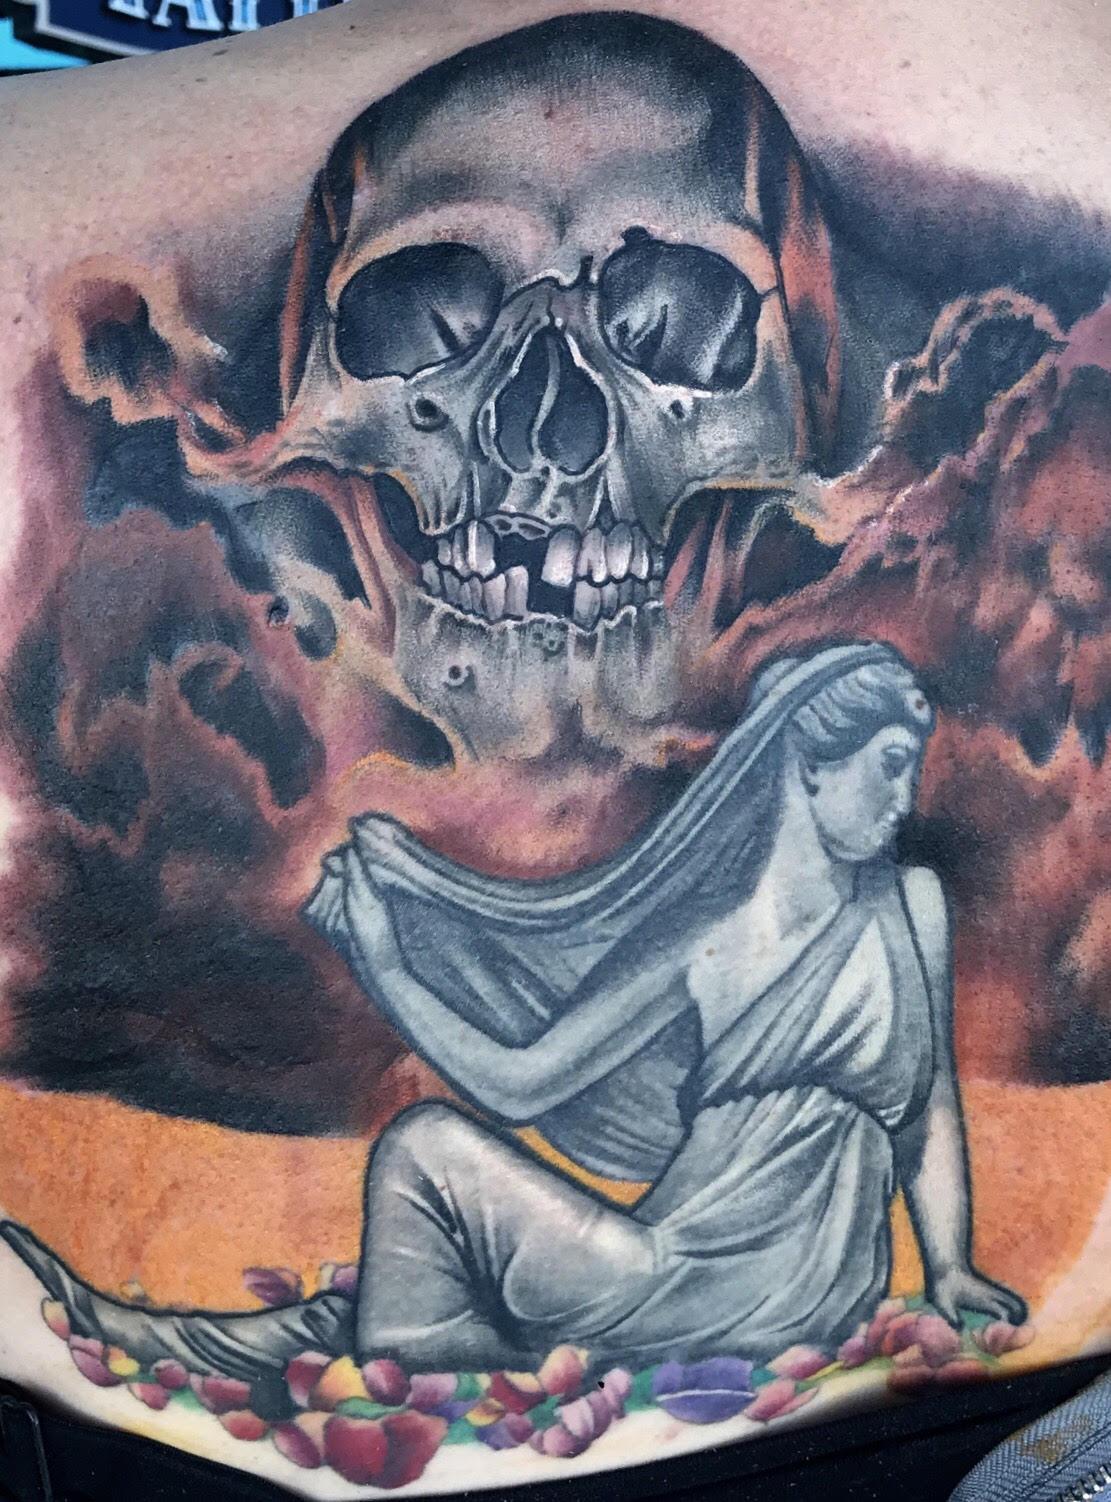 Skull Clouds tattoo by Krystof